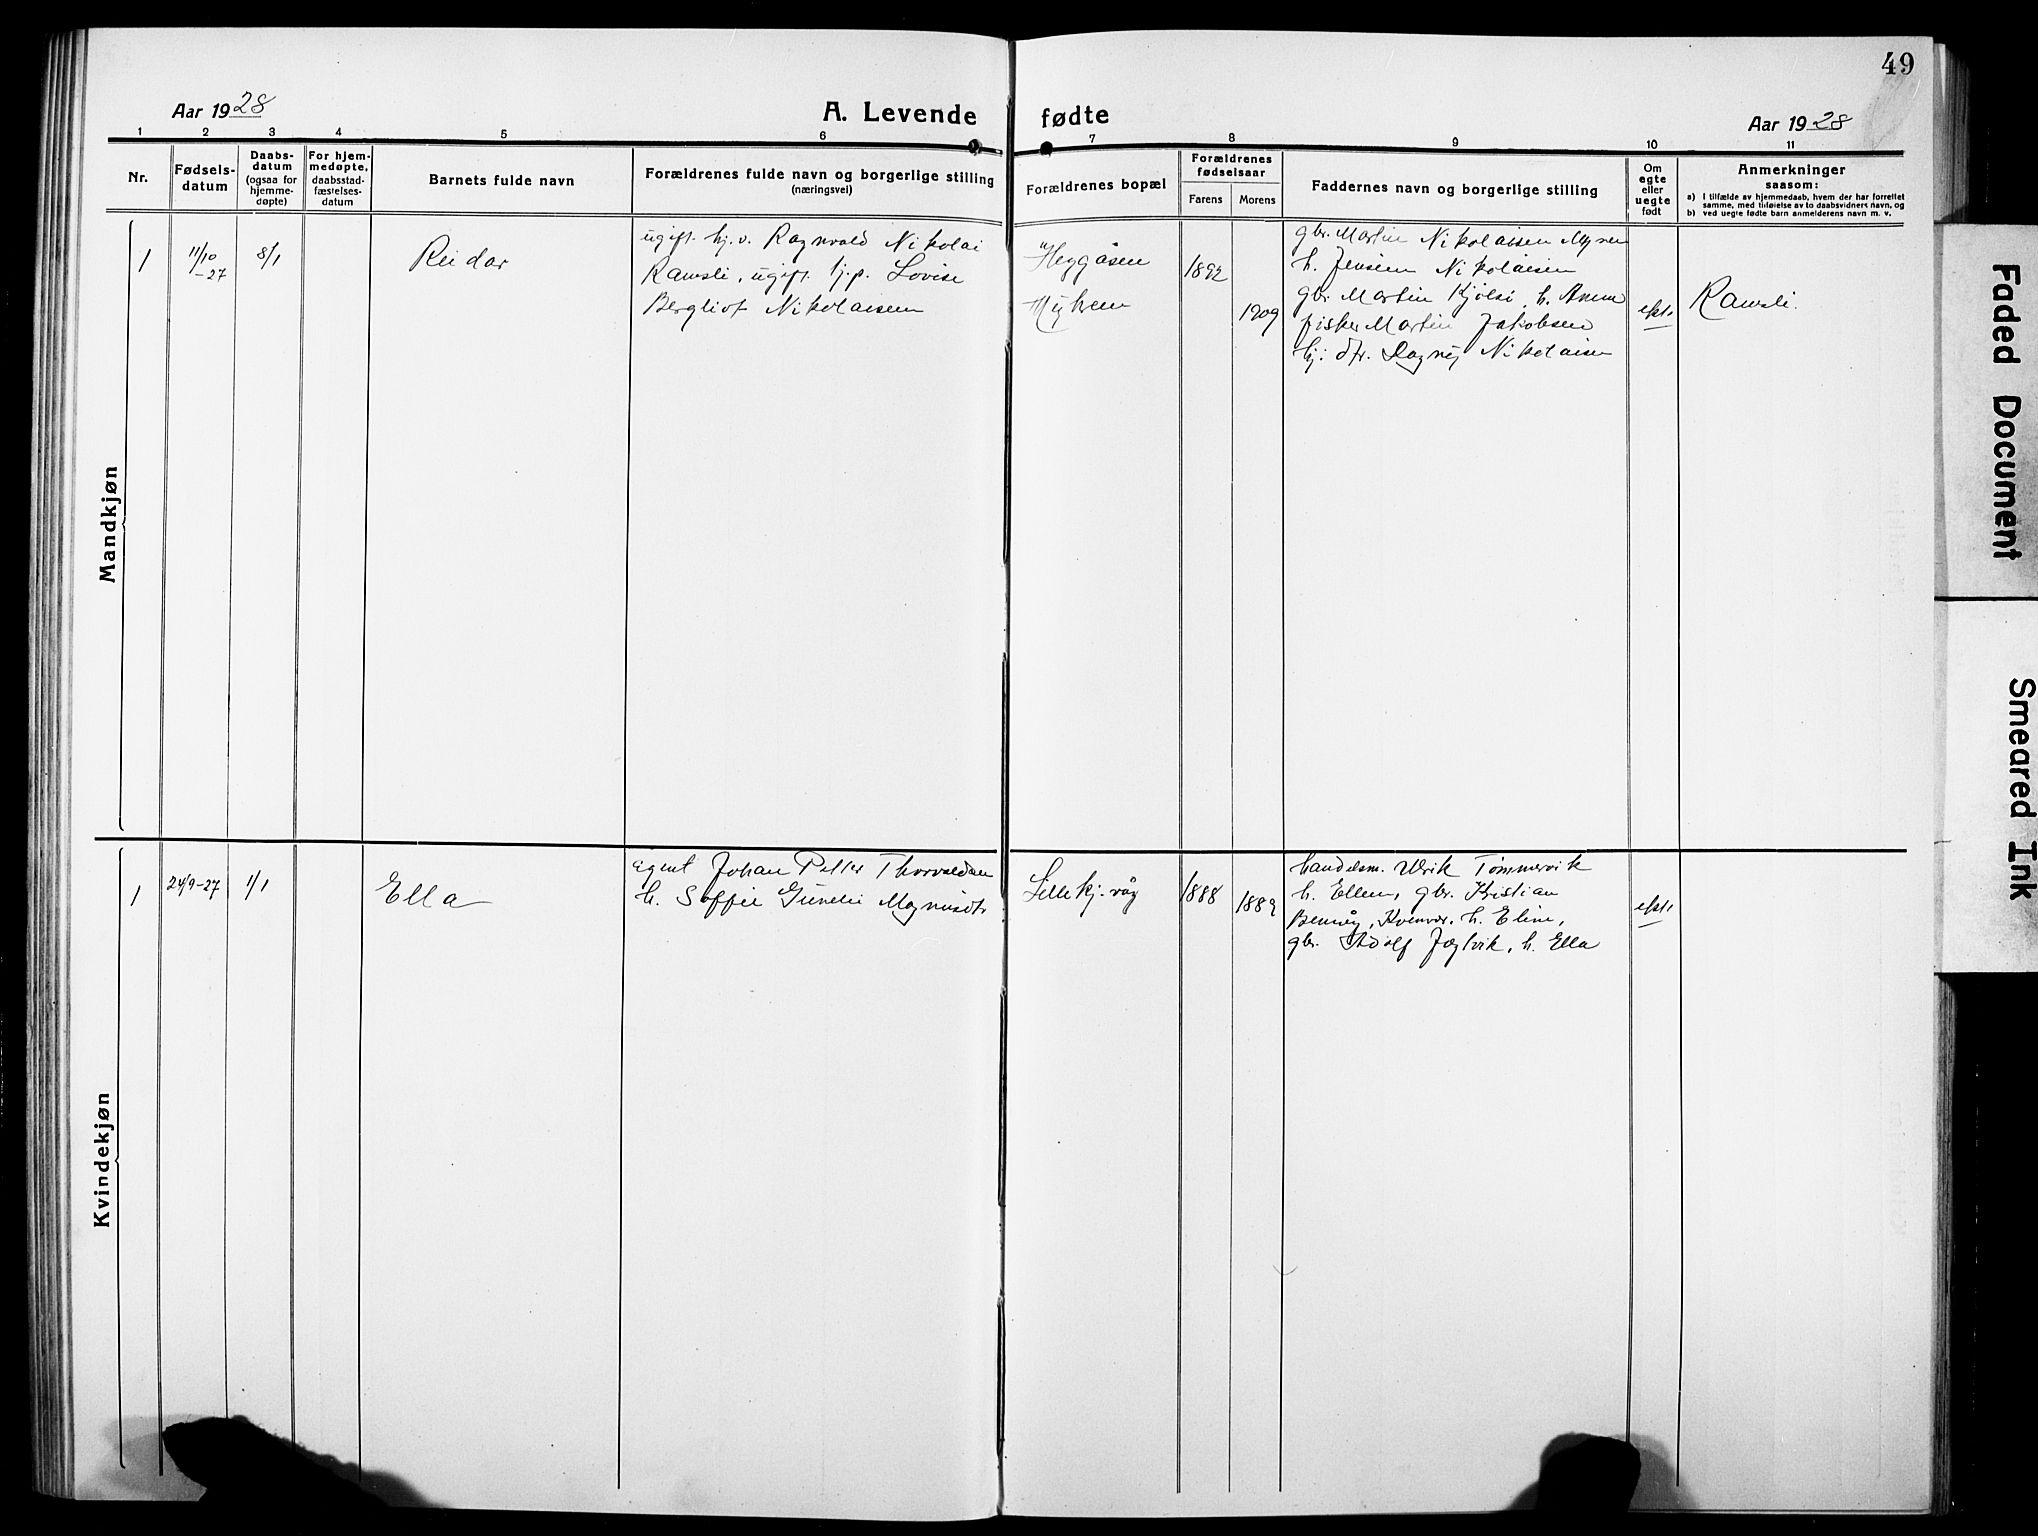 SAT, Ministerialprotokoller, klokkerbøker og fødselsregistre - Sør-Trøndelag, 634/L0543: Klokkerbok nr. 634C05, 1917-1928, s. 49